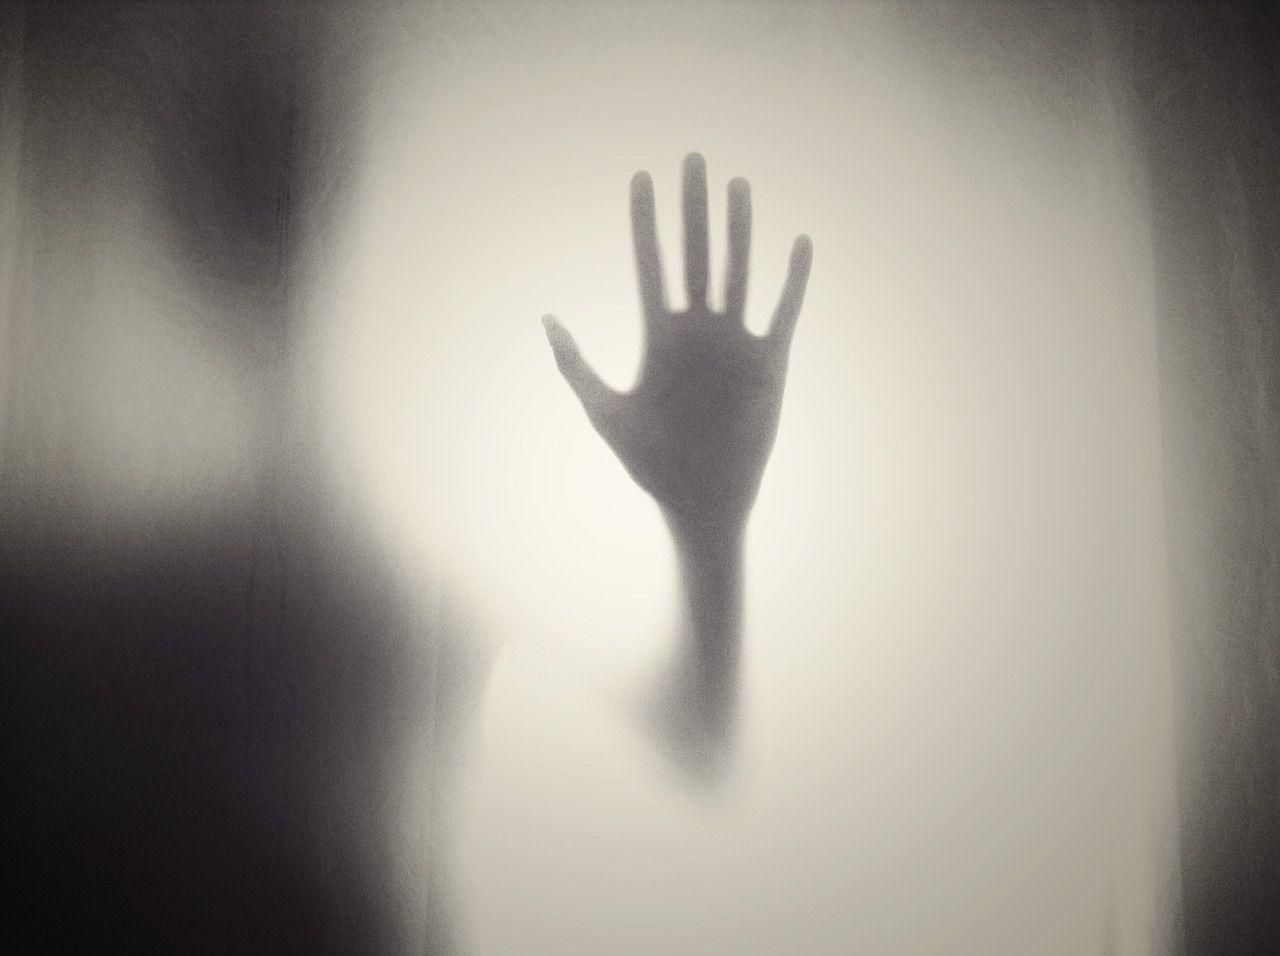 おすすめ邦画ホラー映画『回路』ネタバレレビューのイメージ画像